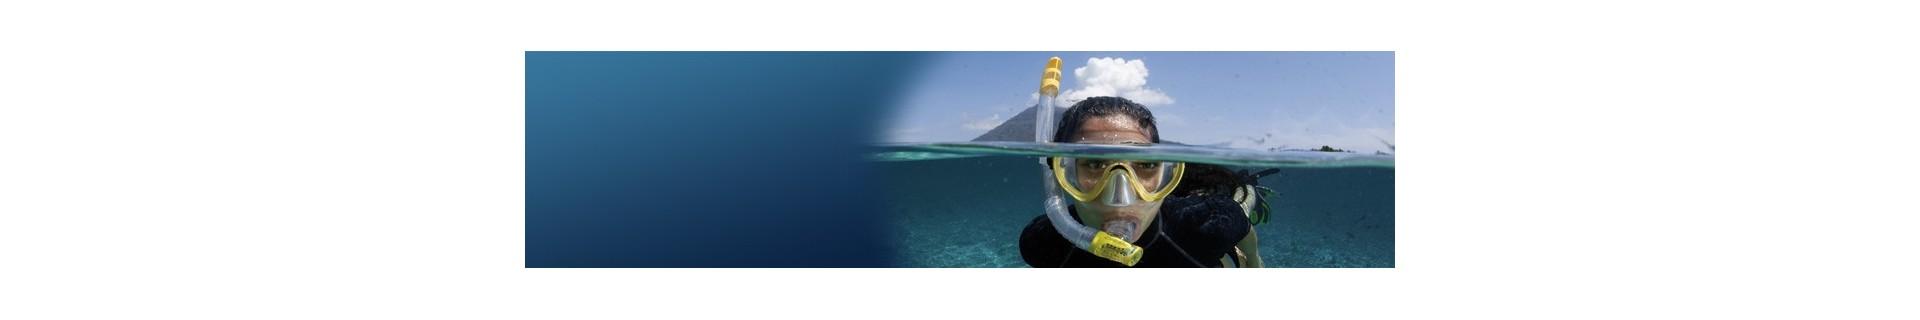 Matériel et accessoires pour le snorkeling, la plage ou les activités aquatiques